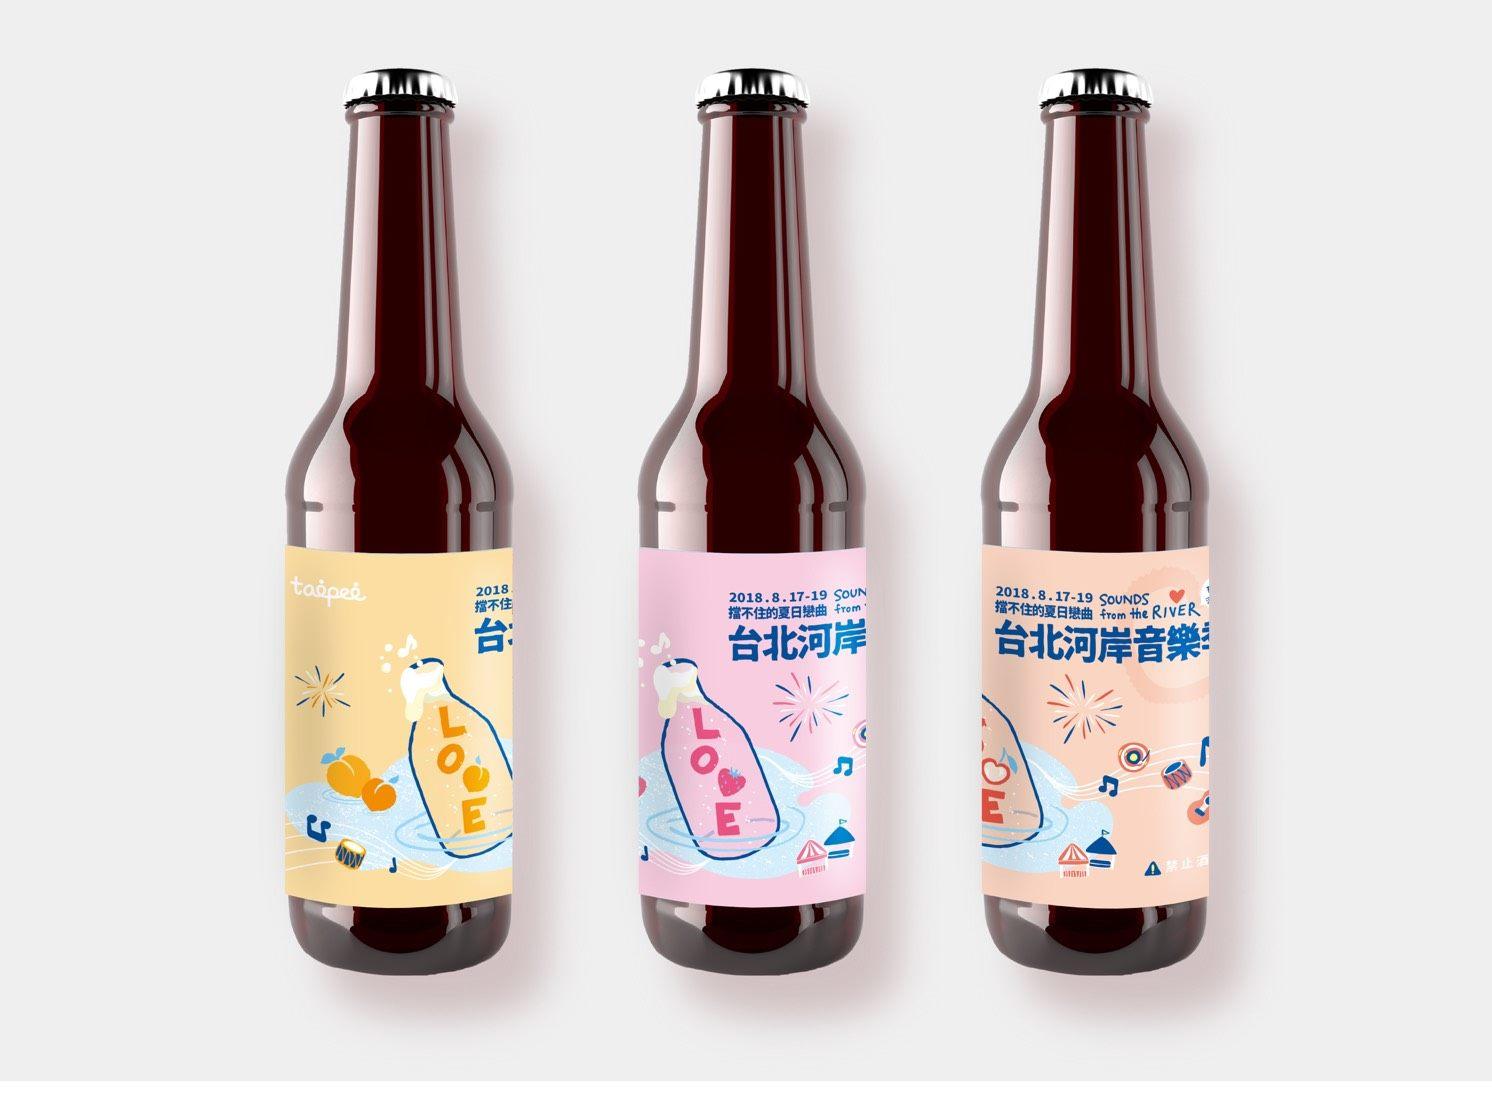 河岸音樂季推出3款限定啤酒讓你涼快一夏。